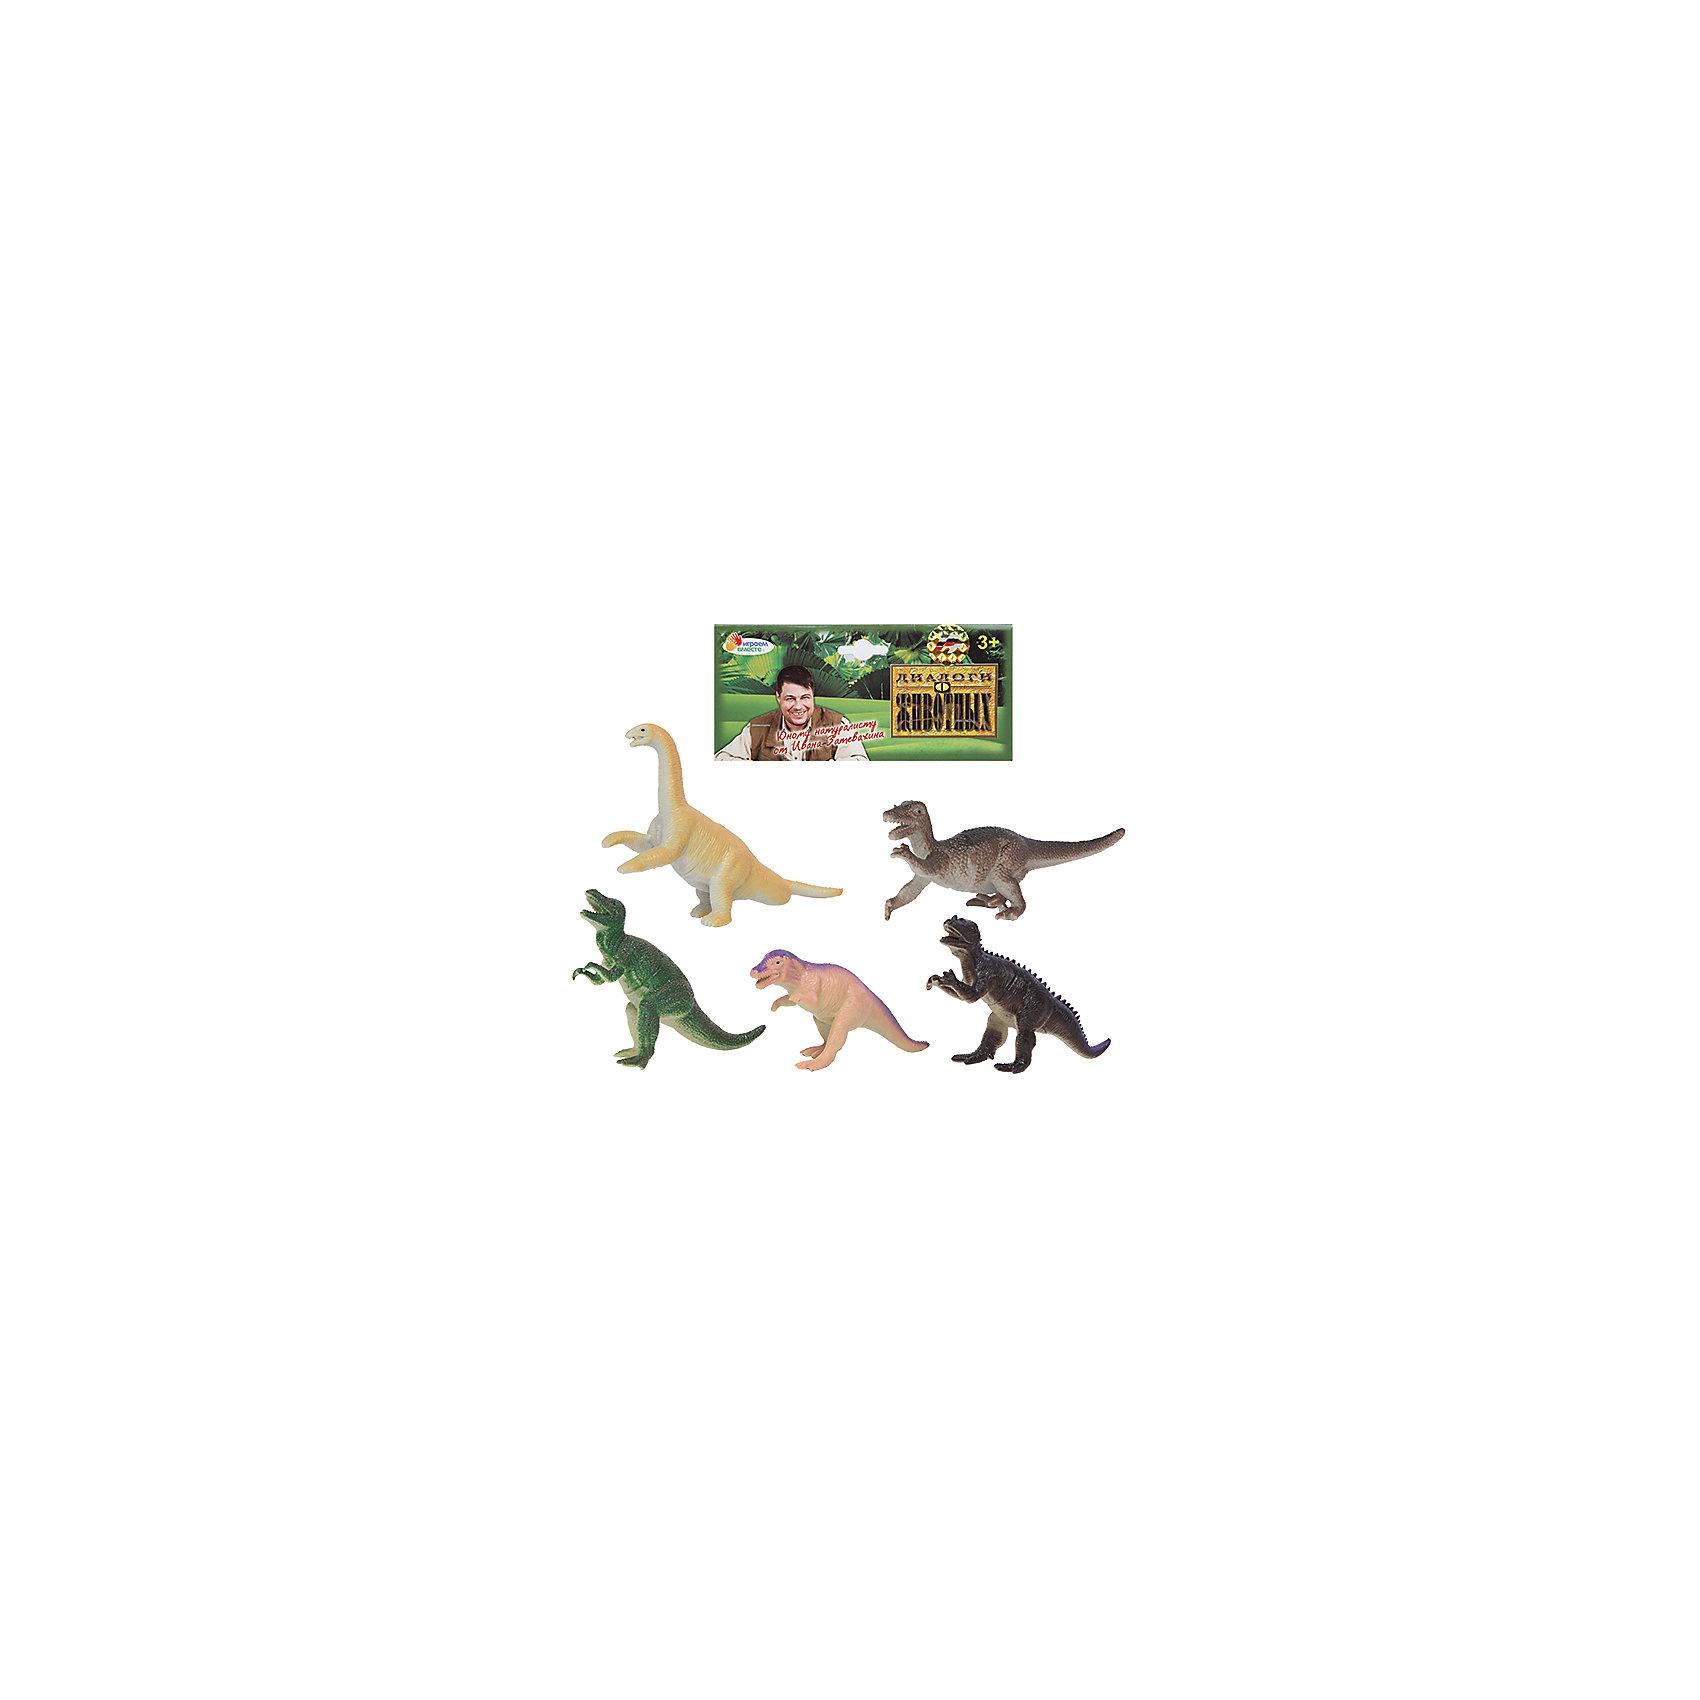 Набор из 5-и динозавров, 13см, Играем вместеЯркий набор из пяти динозавров непременно порадует юного любителя животных!<br><br>Дополнительная информация:<br><br>- Возраст: от 1 года.<br>- Размер динозавра: 13 см.<br>- Кол-во динозавров: 5 шт.<br>- Материал: пластик, силикон.<br>- Размер упаковки: 4х25х18 см.<br>- Вес в упаковке: 190 г.<br><br>Купить набор из пяти динозавров Играем вместе можно в нашем магазине.<br><br>Ширина мм: 40<br>Глубина мм: 250<br>Высота мм: 180<br>Вес г: 190<br>Возраст от месяцев: 12<br>Возраст до месяцев: 48<br>Пол: Унисекс<br>Возраст: Детский<br>SKU: 4891771